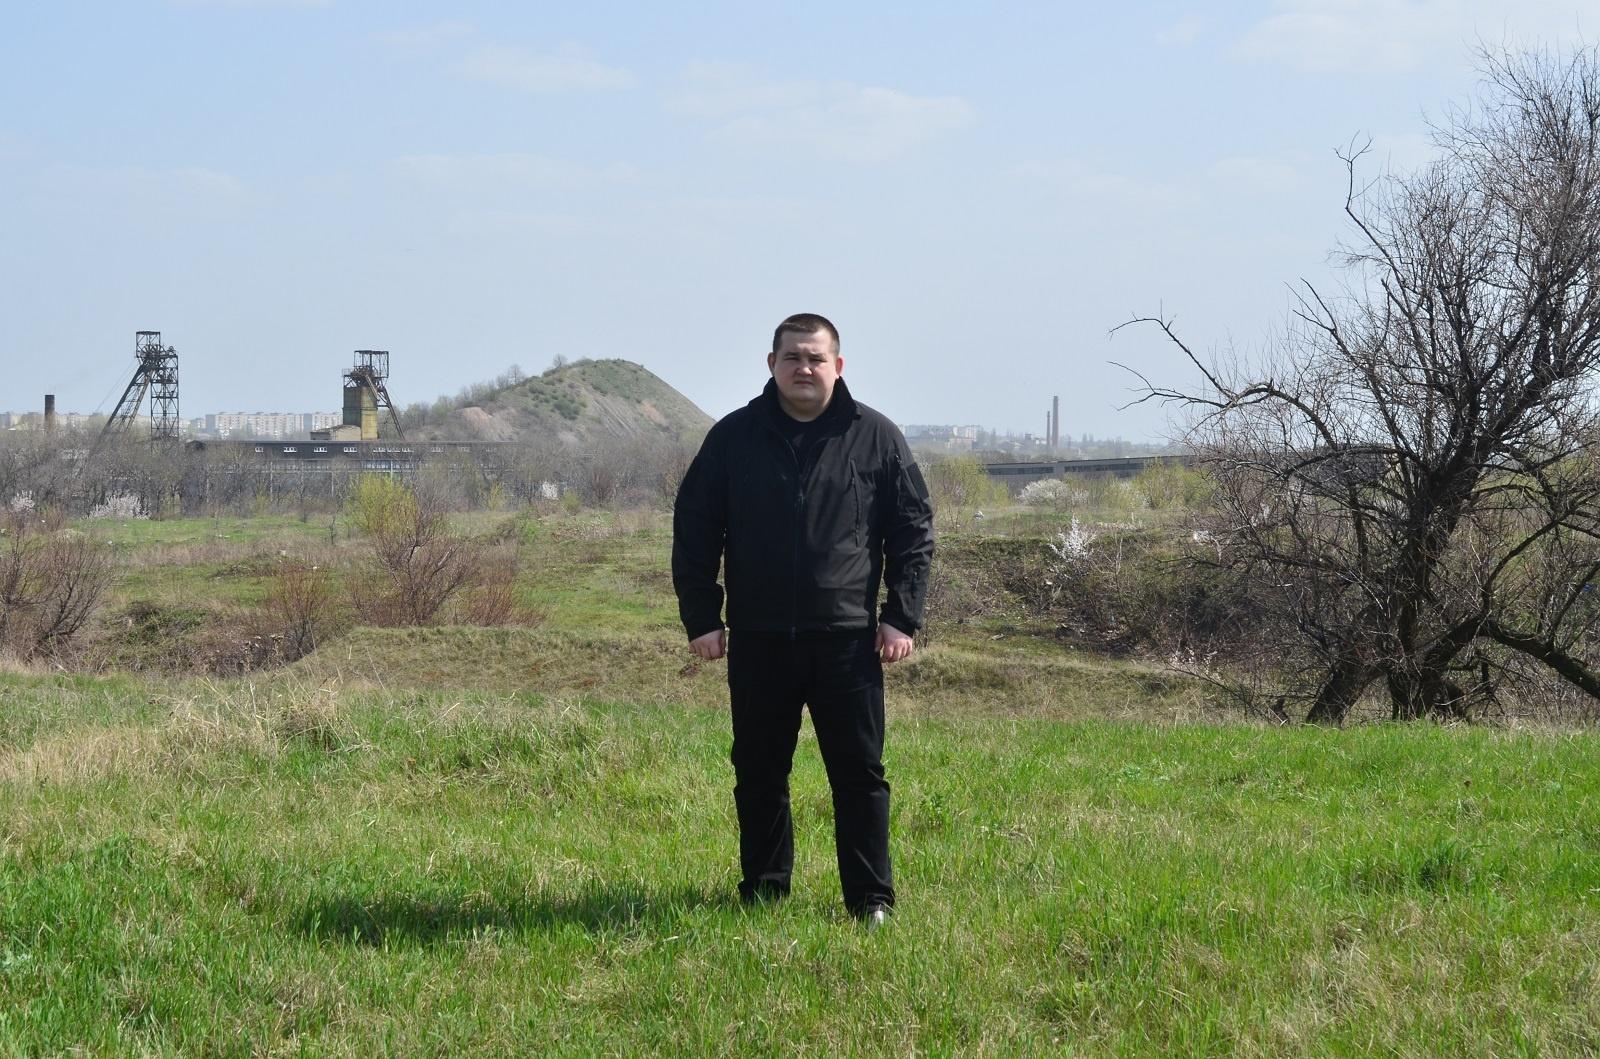 ЗОЛОТО МОЖЕТ БЫТЬ И ЧЕРНЫМ: Адвокат Игорь Чудновский, в прошлом практиковавший в Луганске, уверен: главари республик зарабатывают на угле миллионы